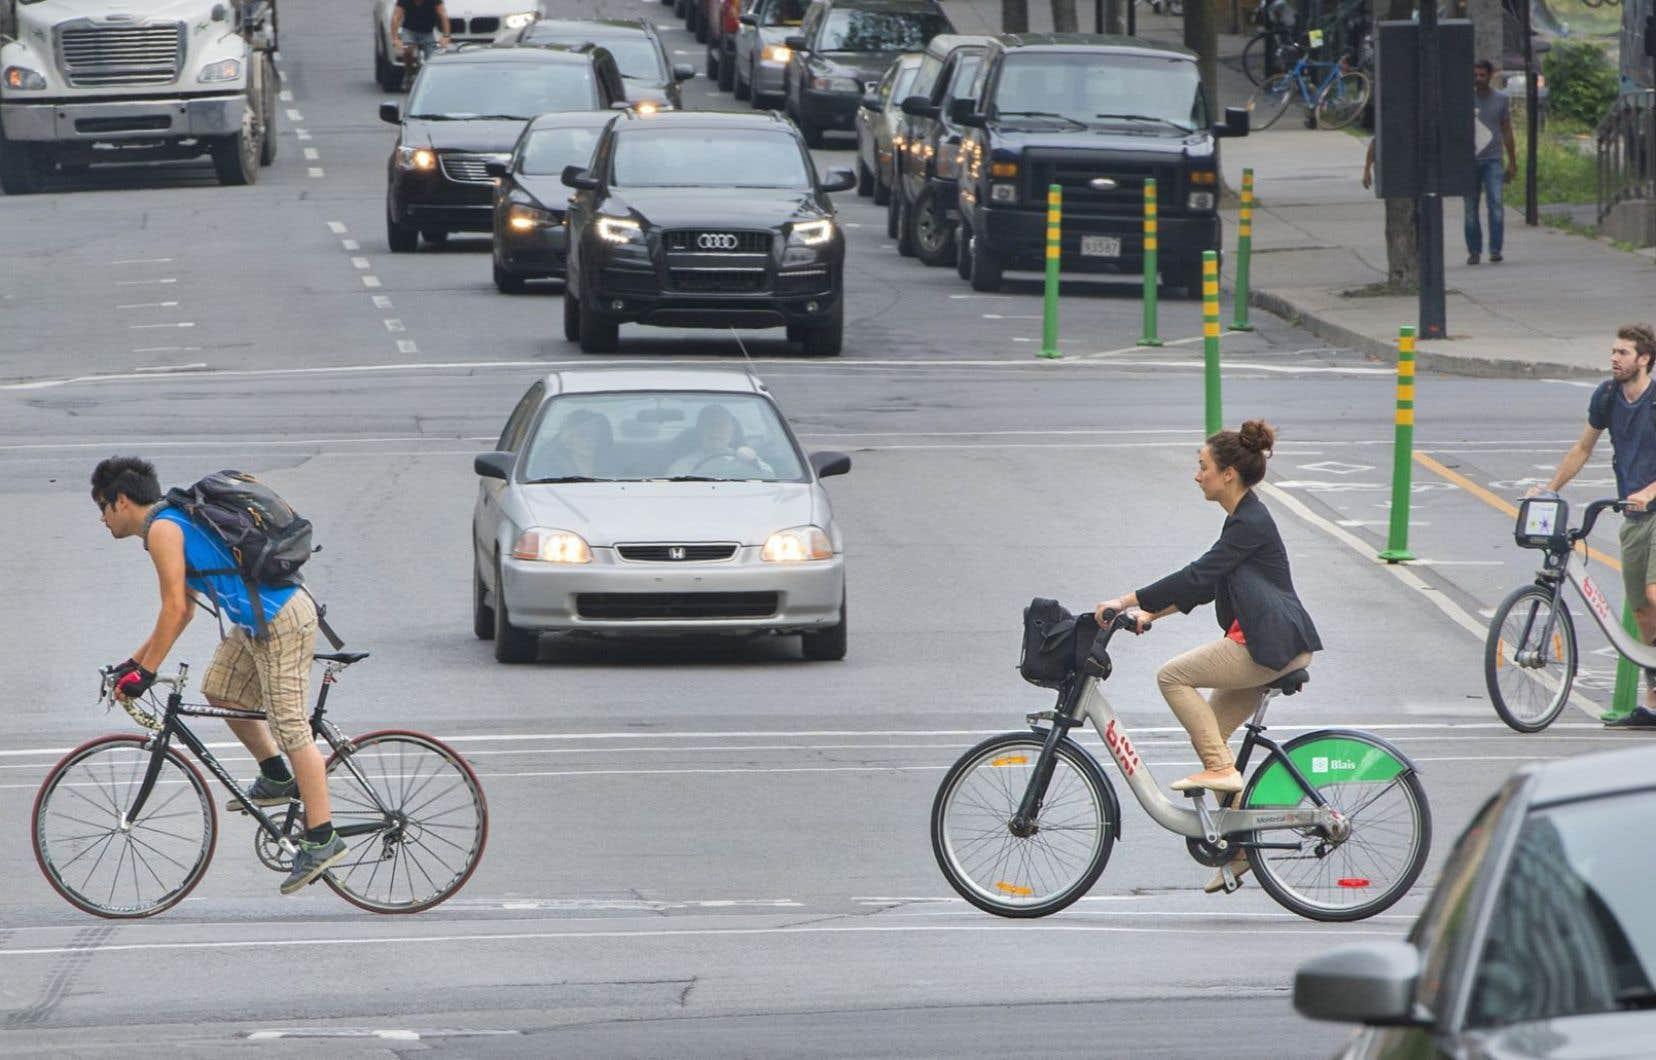 Les cyclistes ont des droits, bien sûr, mais ils devraient aussi accepter les responsabilités qui en sont le corollaire.